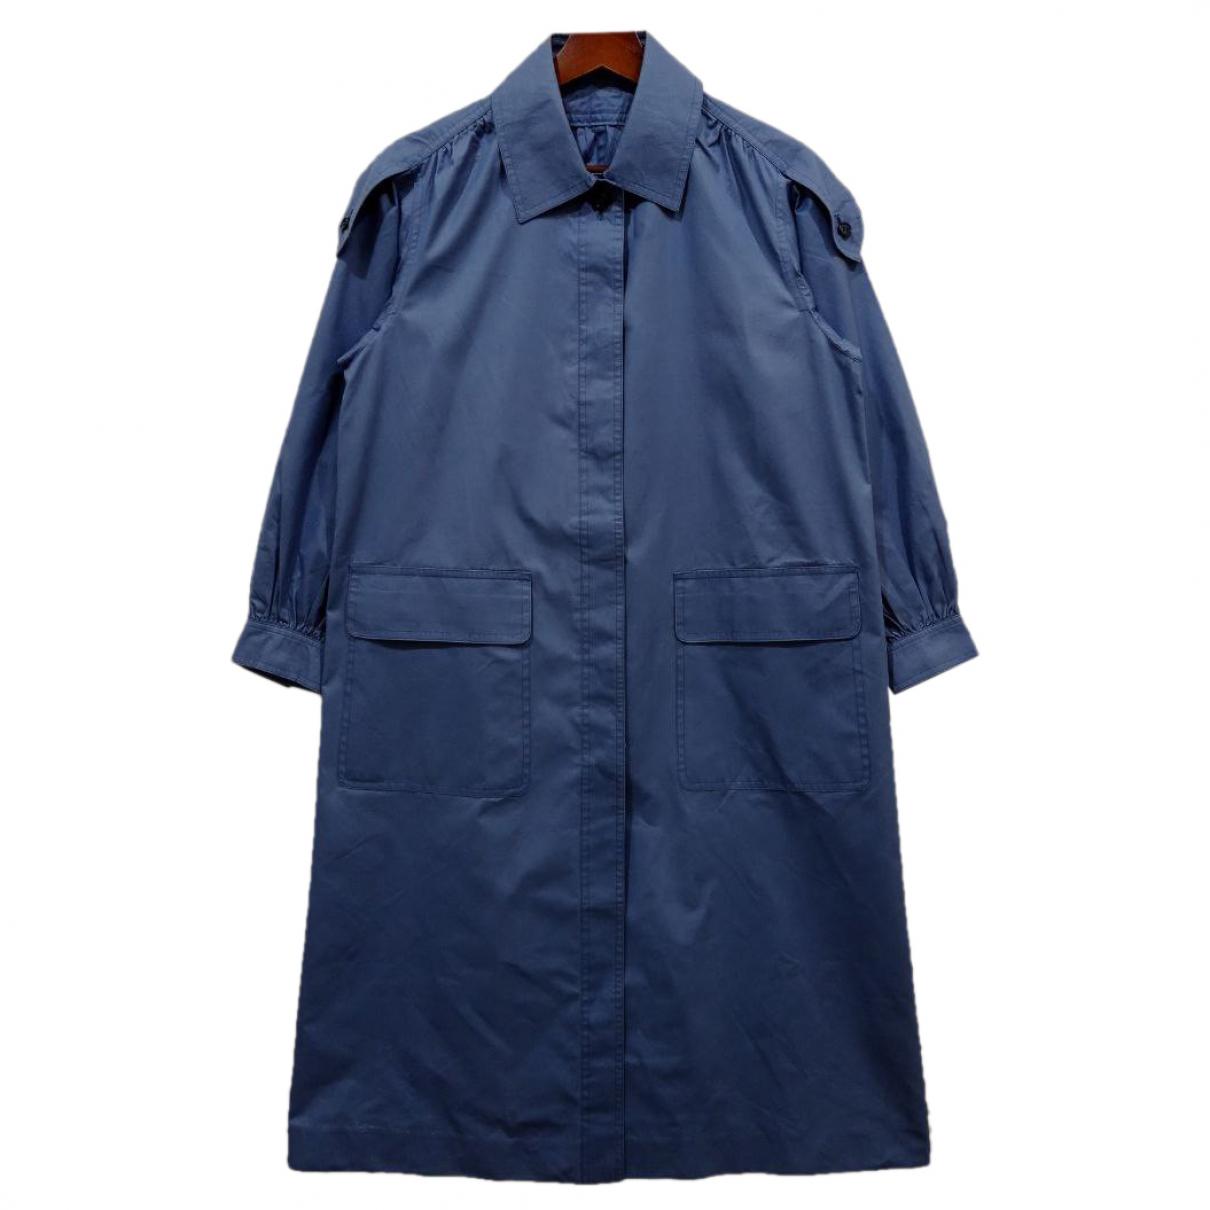 Yves Saint Laurent \N Blue Cotton coat for Women M International